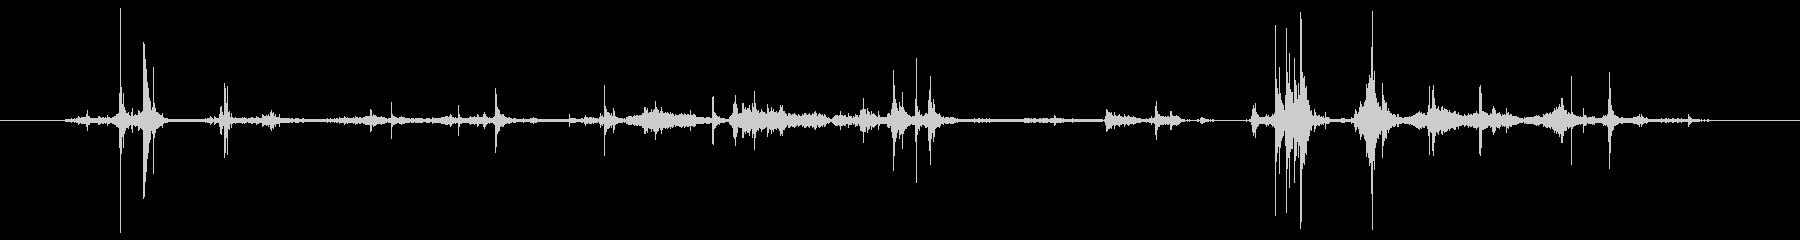 標準レター封筒:マルチシートレター...の未再生の波形